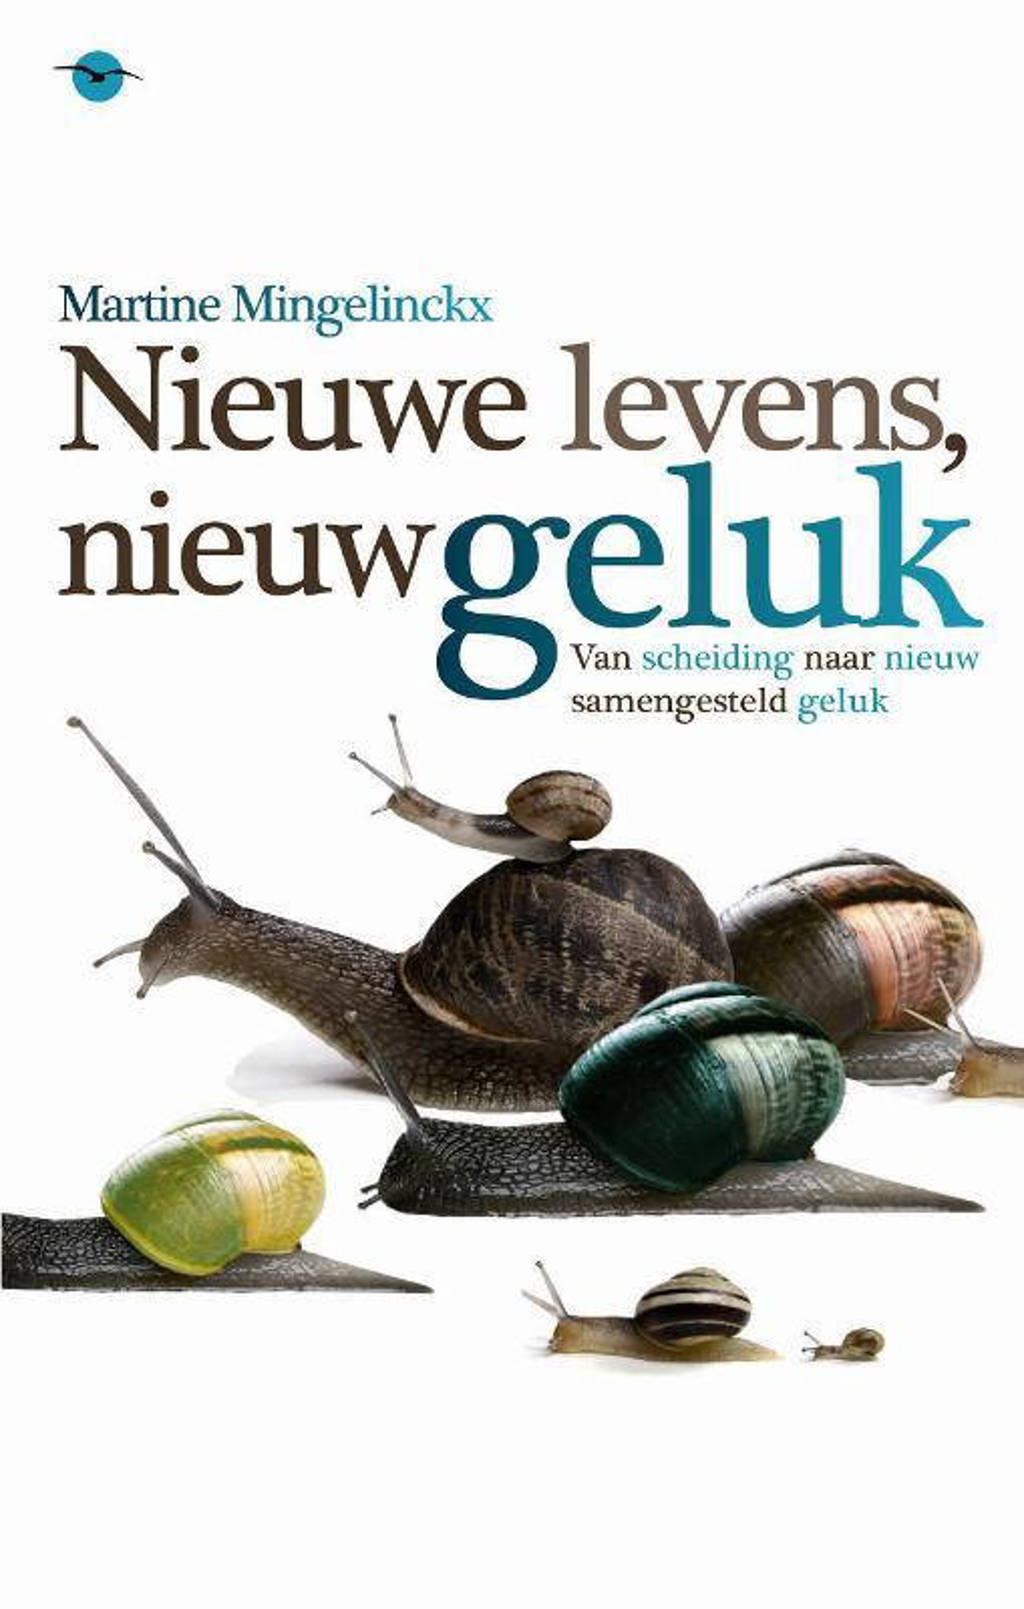 Nieuwe levens, nieuw geluk - Martine Mingelinckx